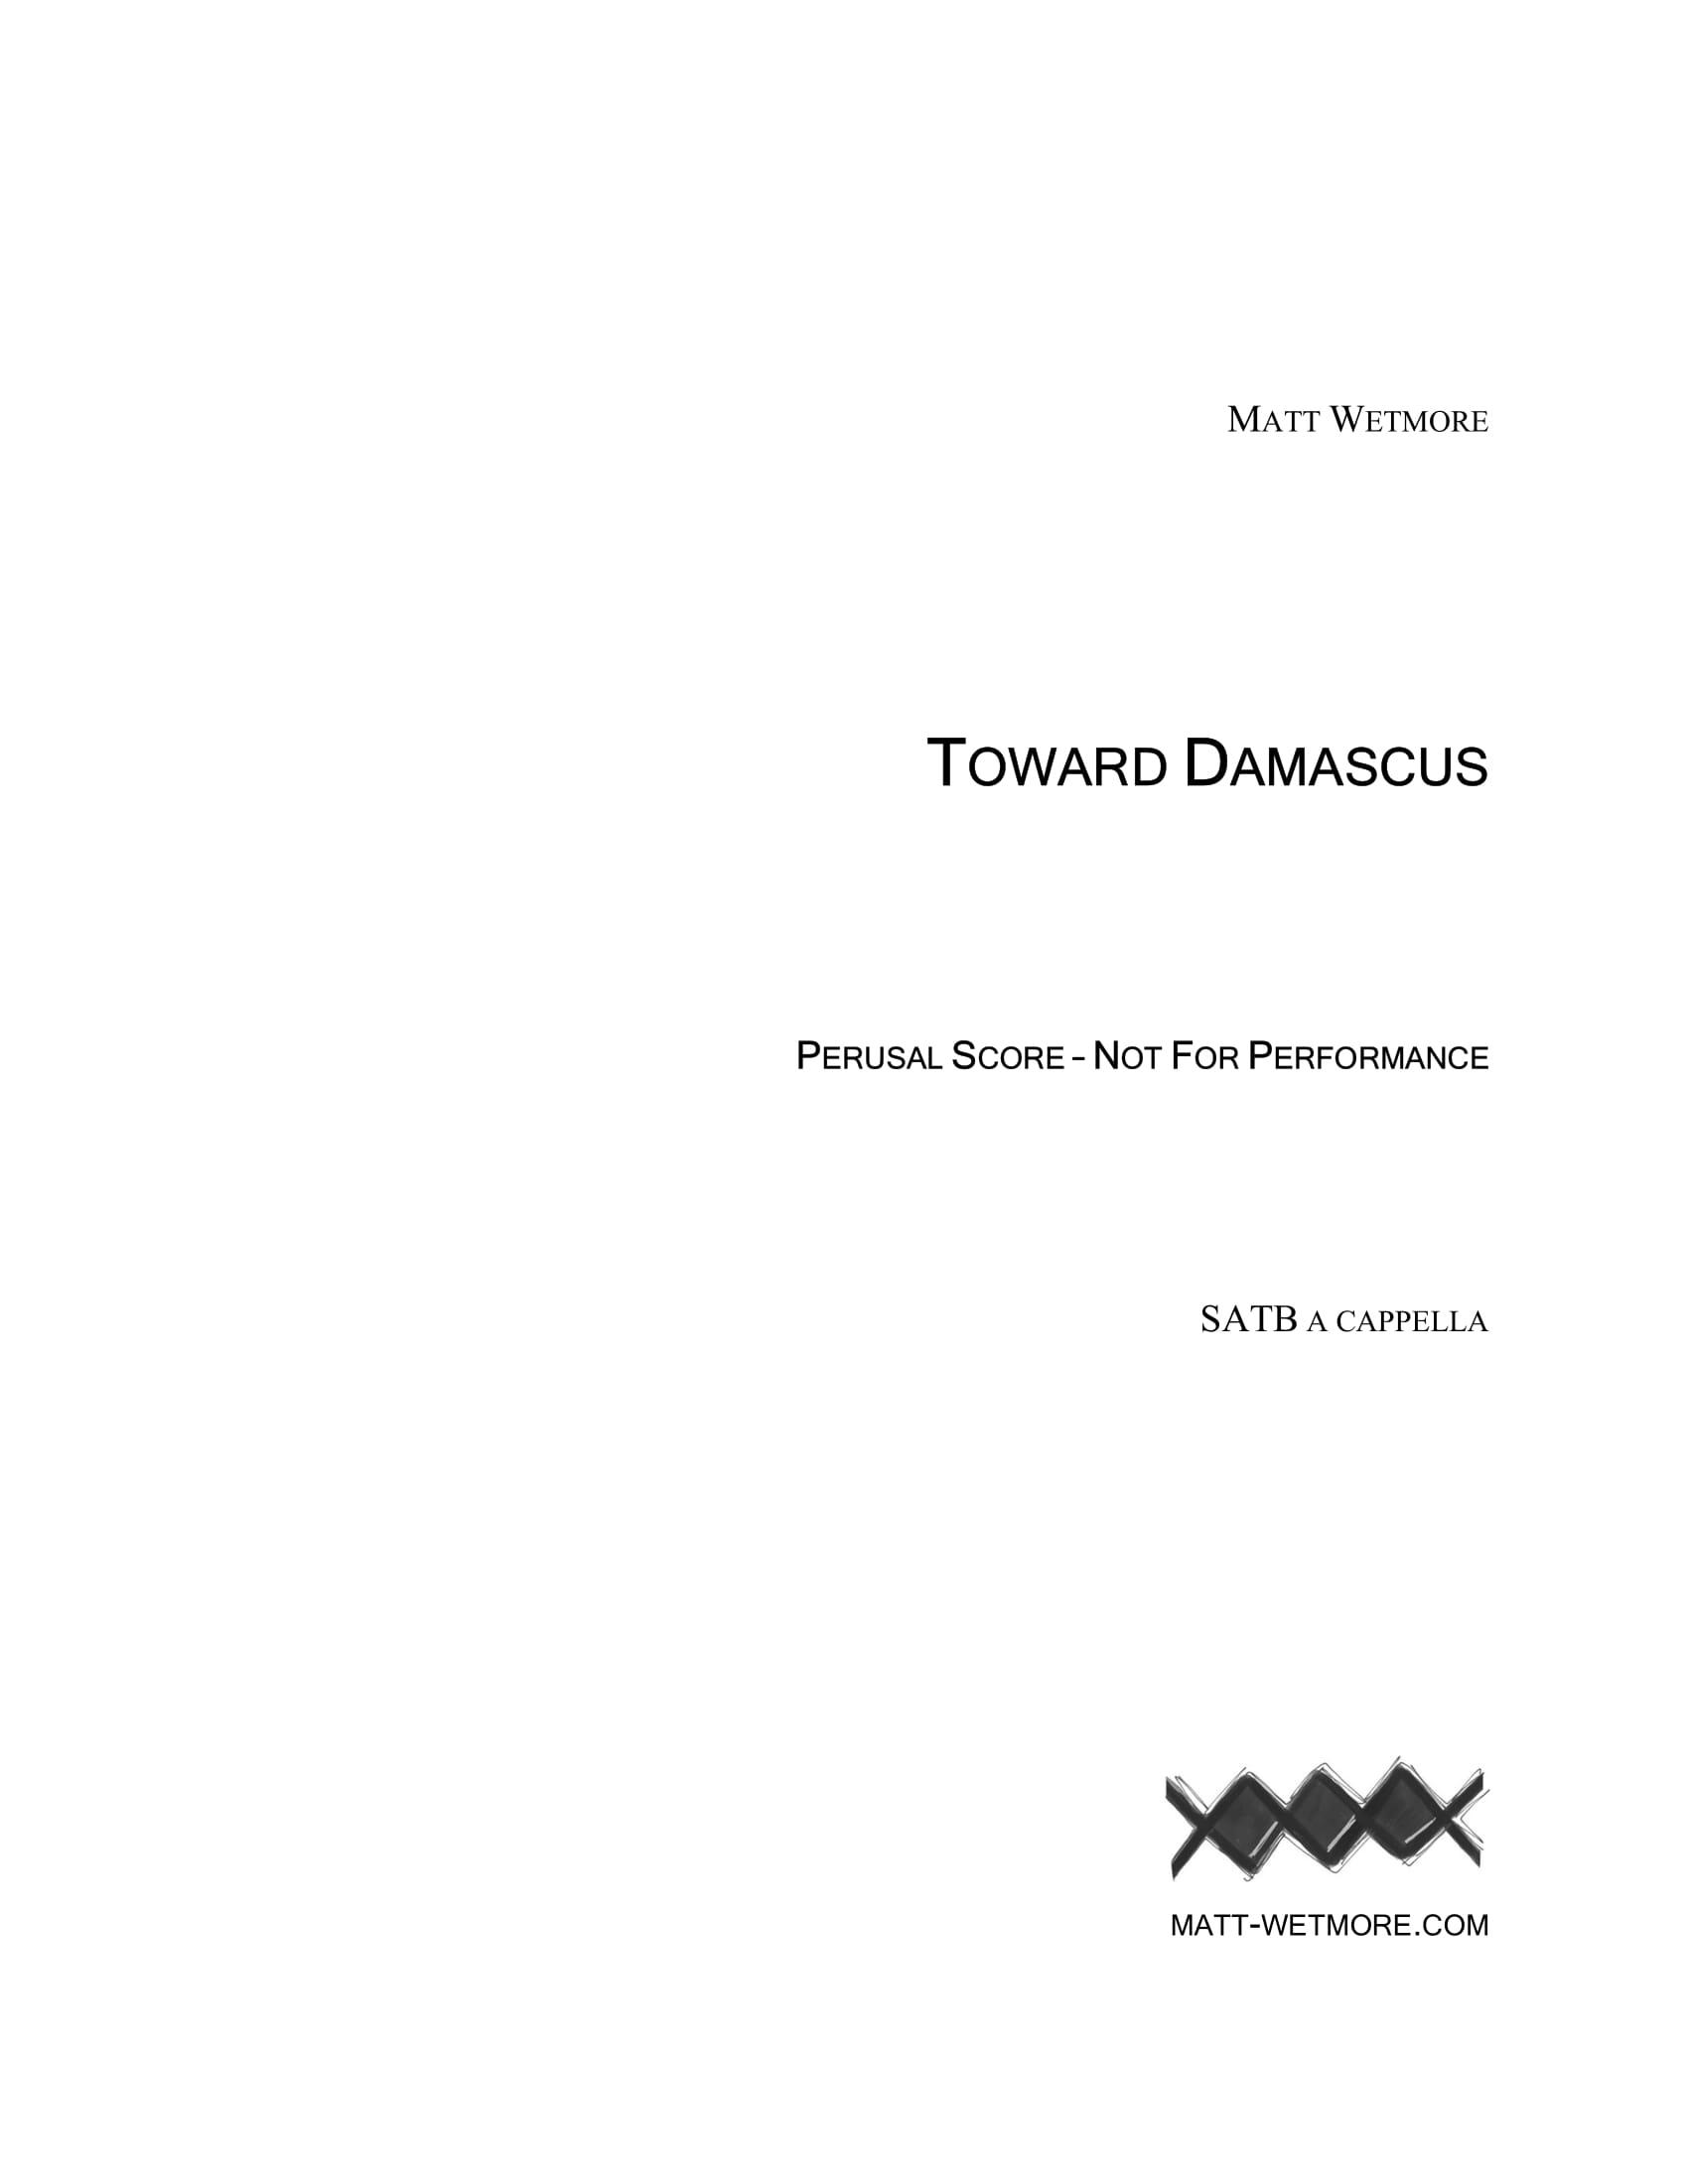 toward damascus perusal-1.jpg